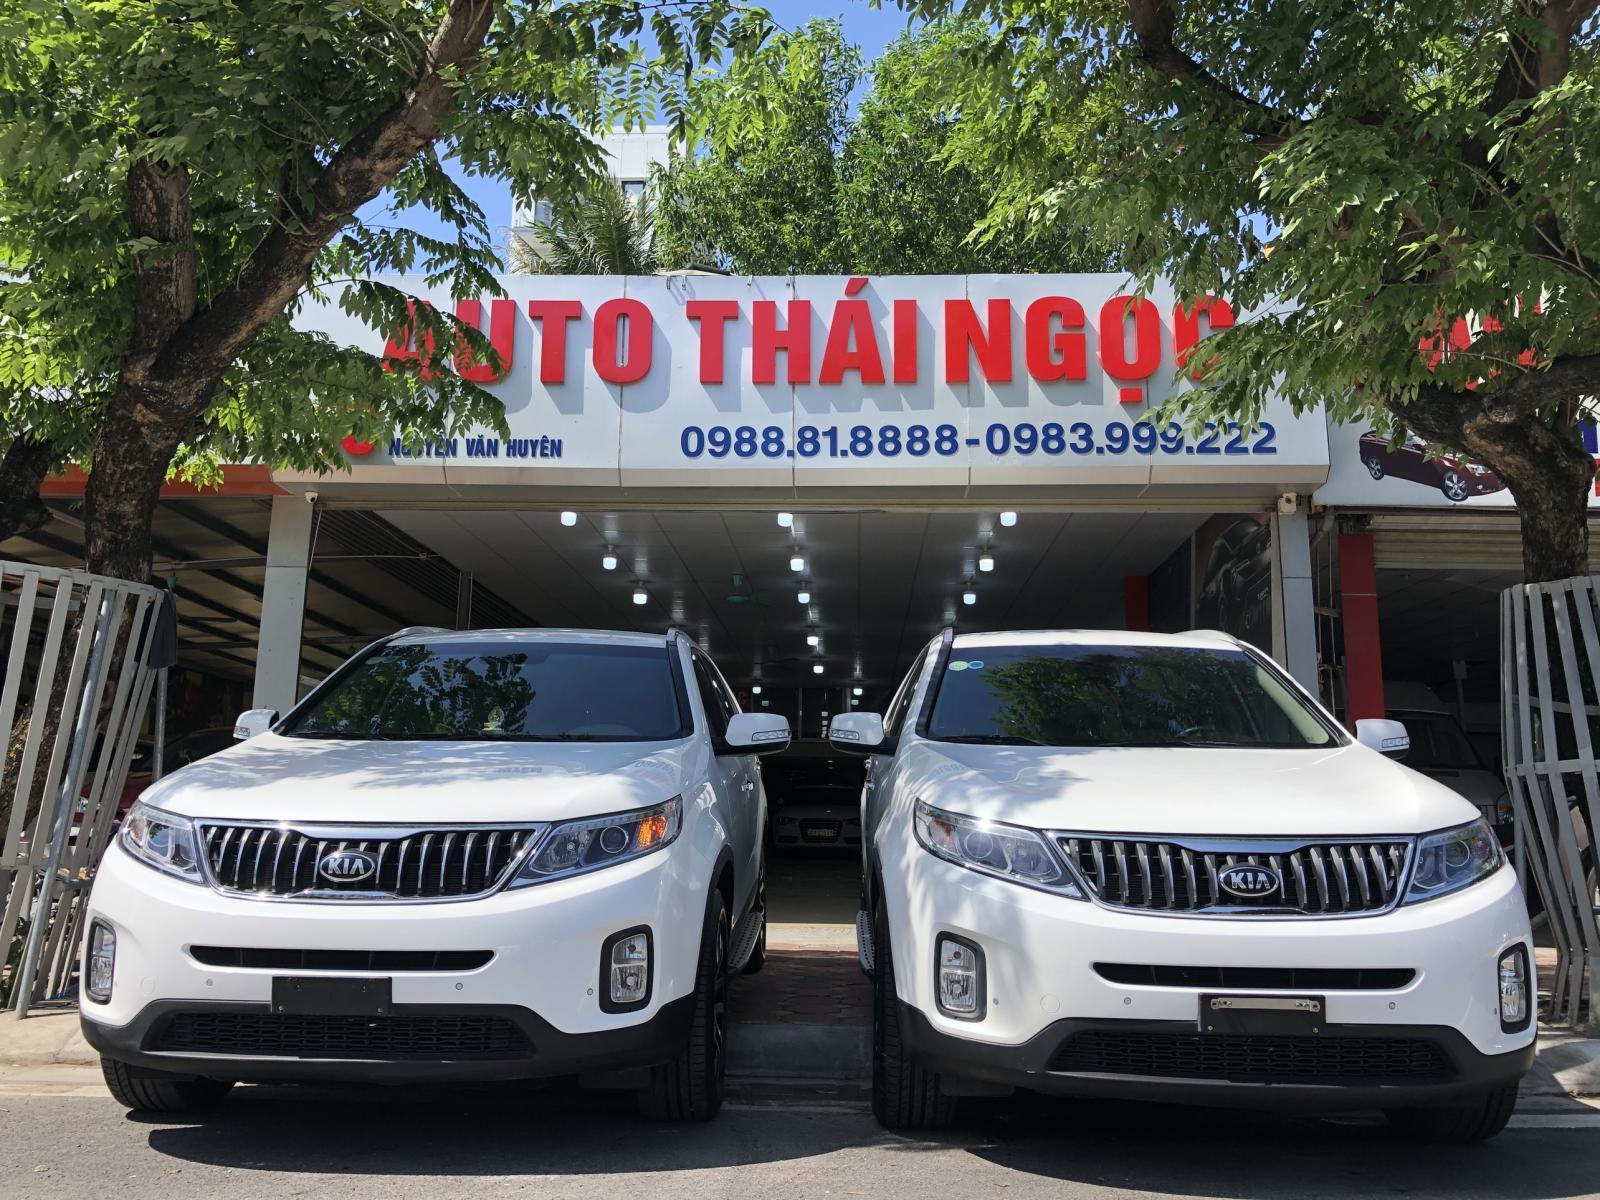 Bán Kia Sorento 2.4GAT sản xuất 2019 Đẹp Nhất Việt Nam